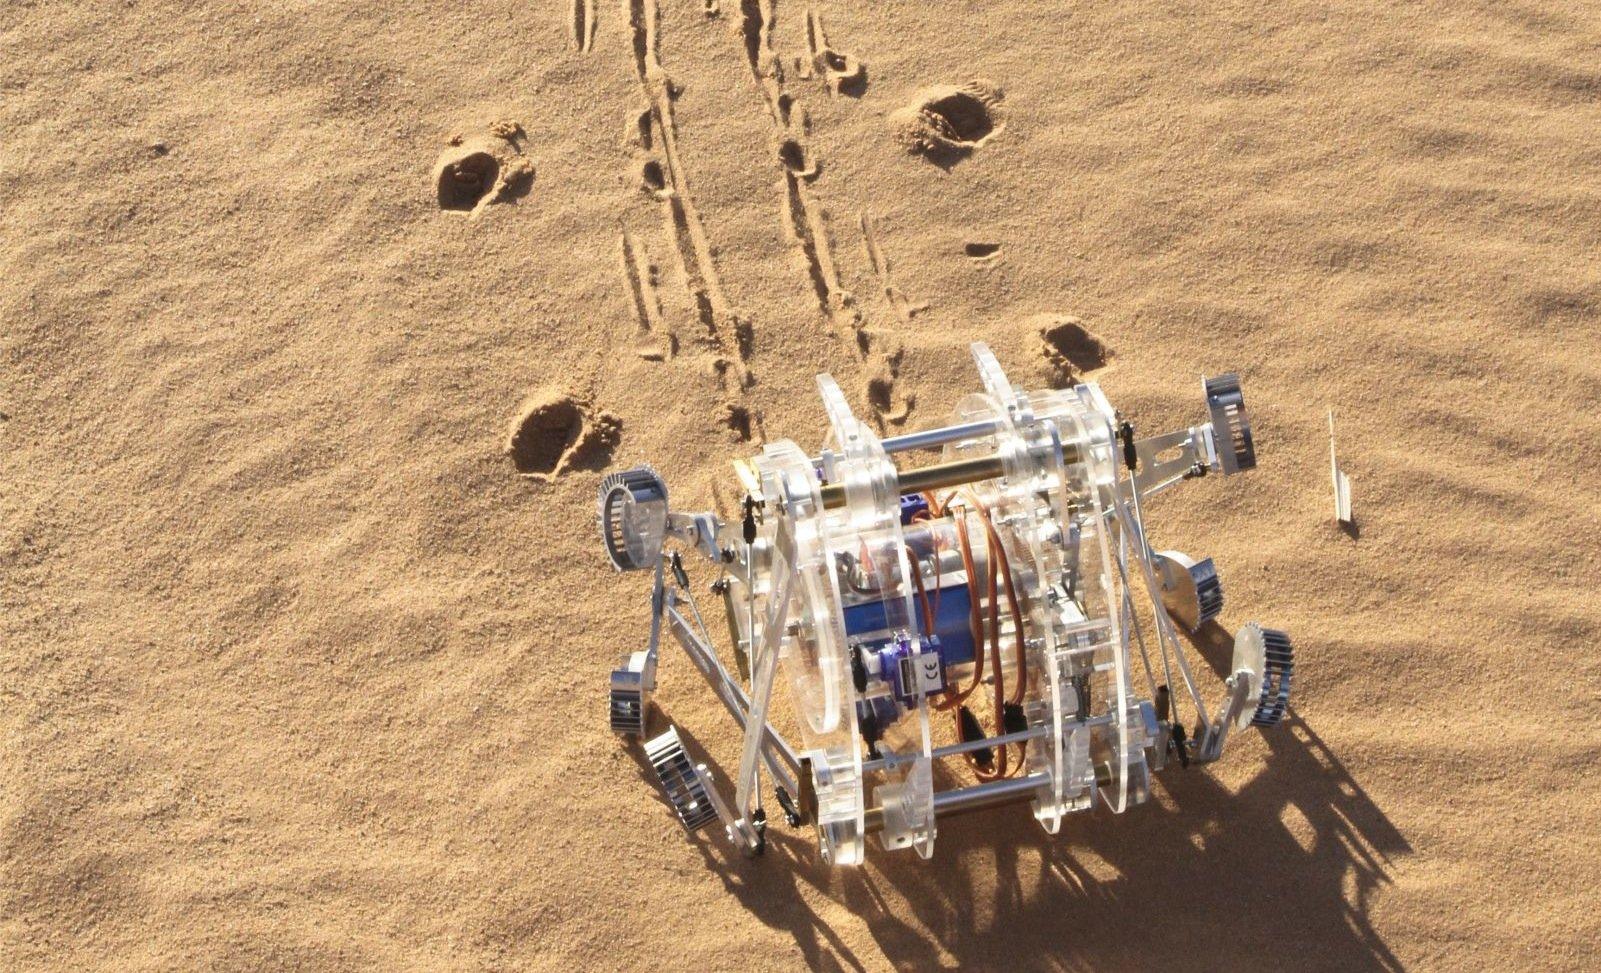 Bionischer Roboter nach dem Vorbild einer in der marokkanischen Wüste lebenden Spinne: Wie die Spinne kann auch der Roboter springen.